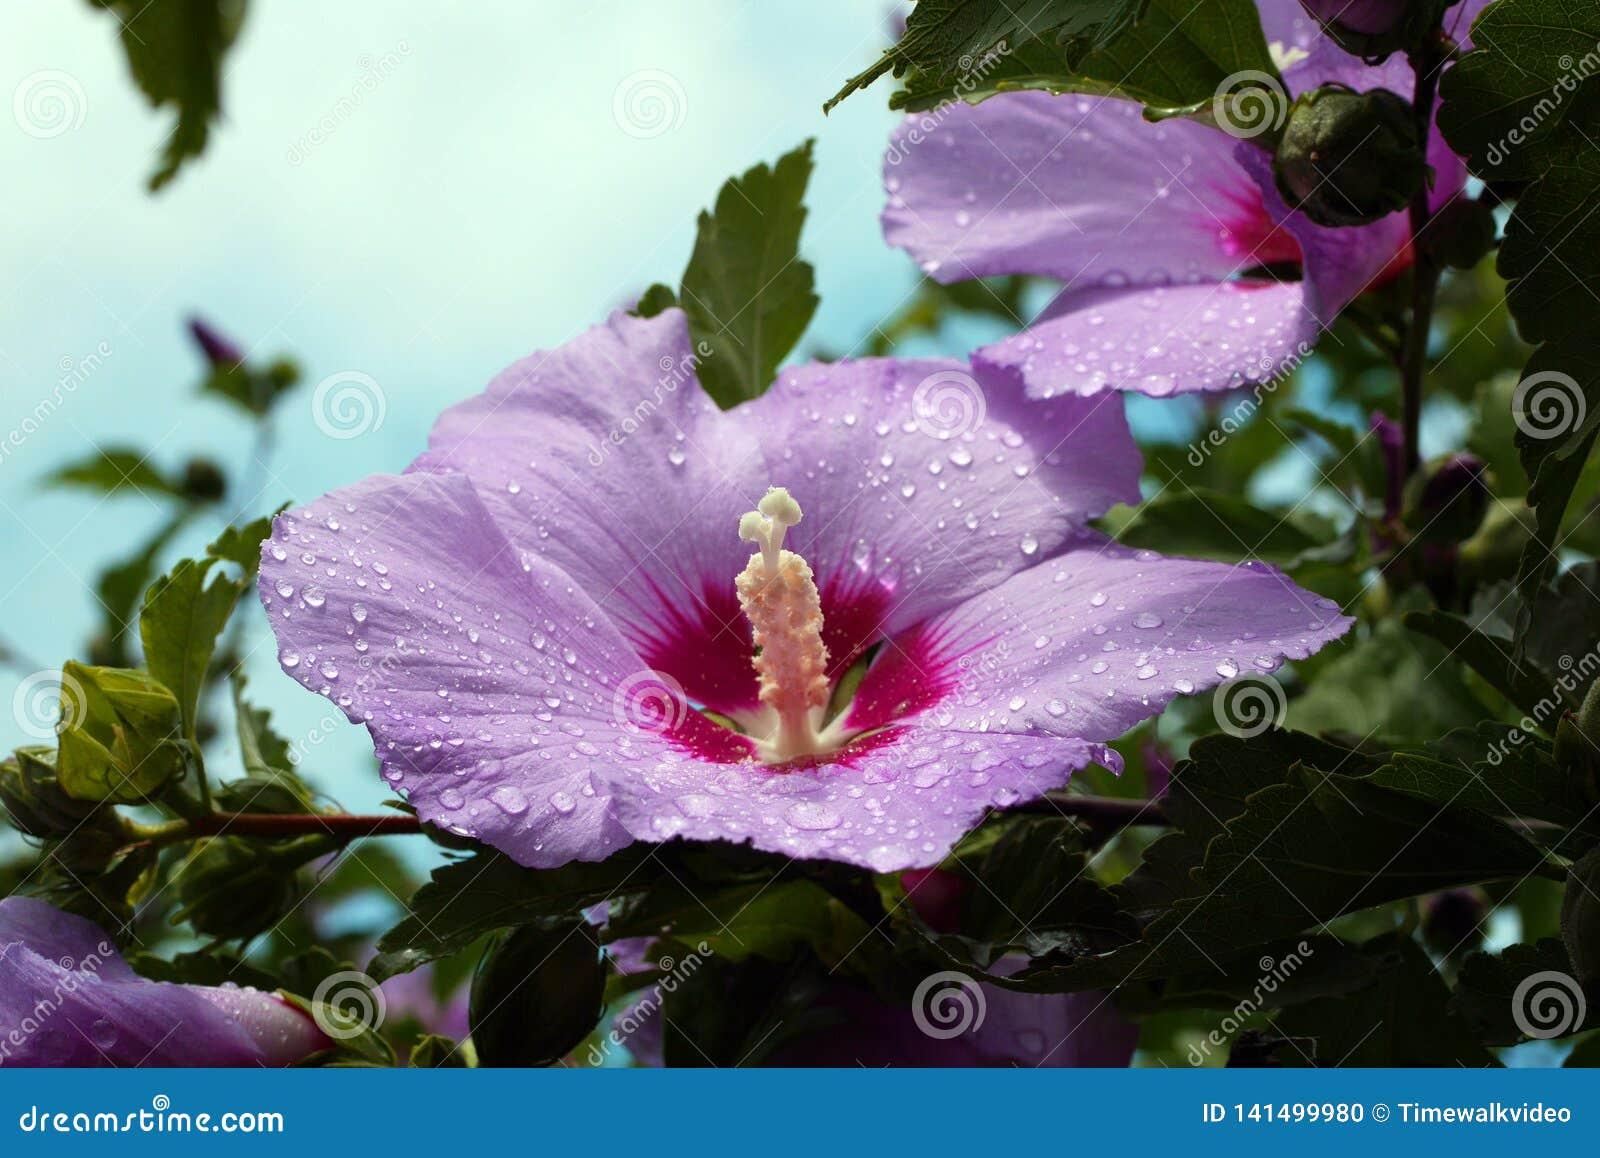 Daggsmå droppar på att bedöva den rosa och purpurfärgade blomman